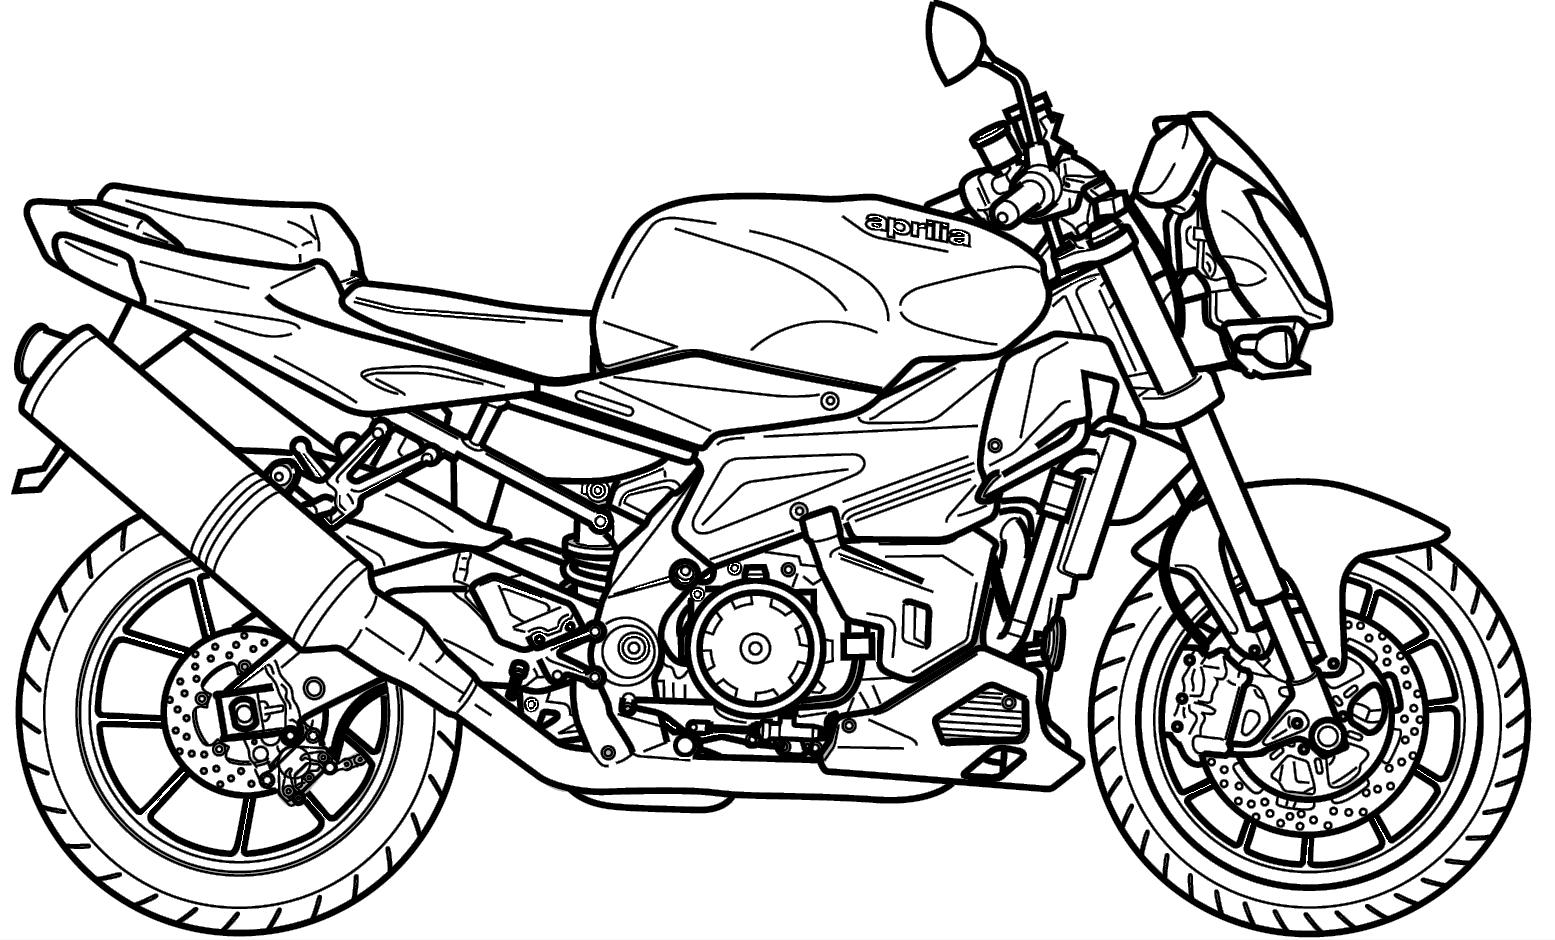 Colorir E Pintar Moto De Corrida Irada Para Aprender A Desenhar